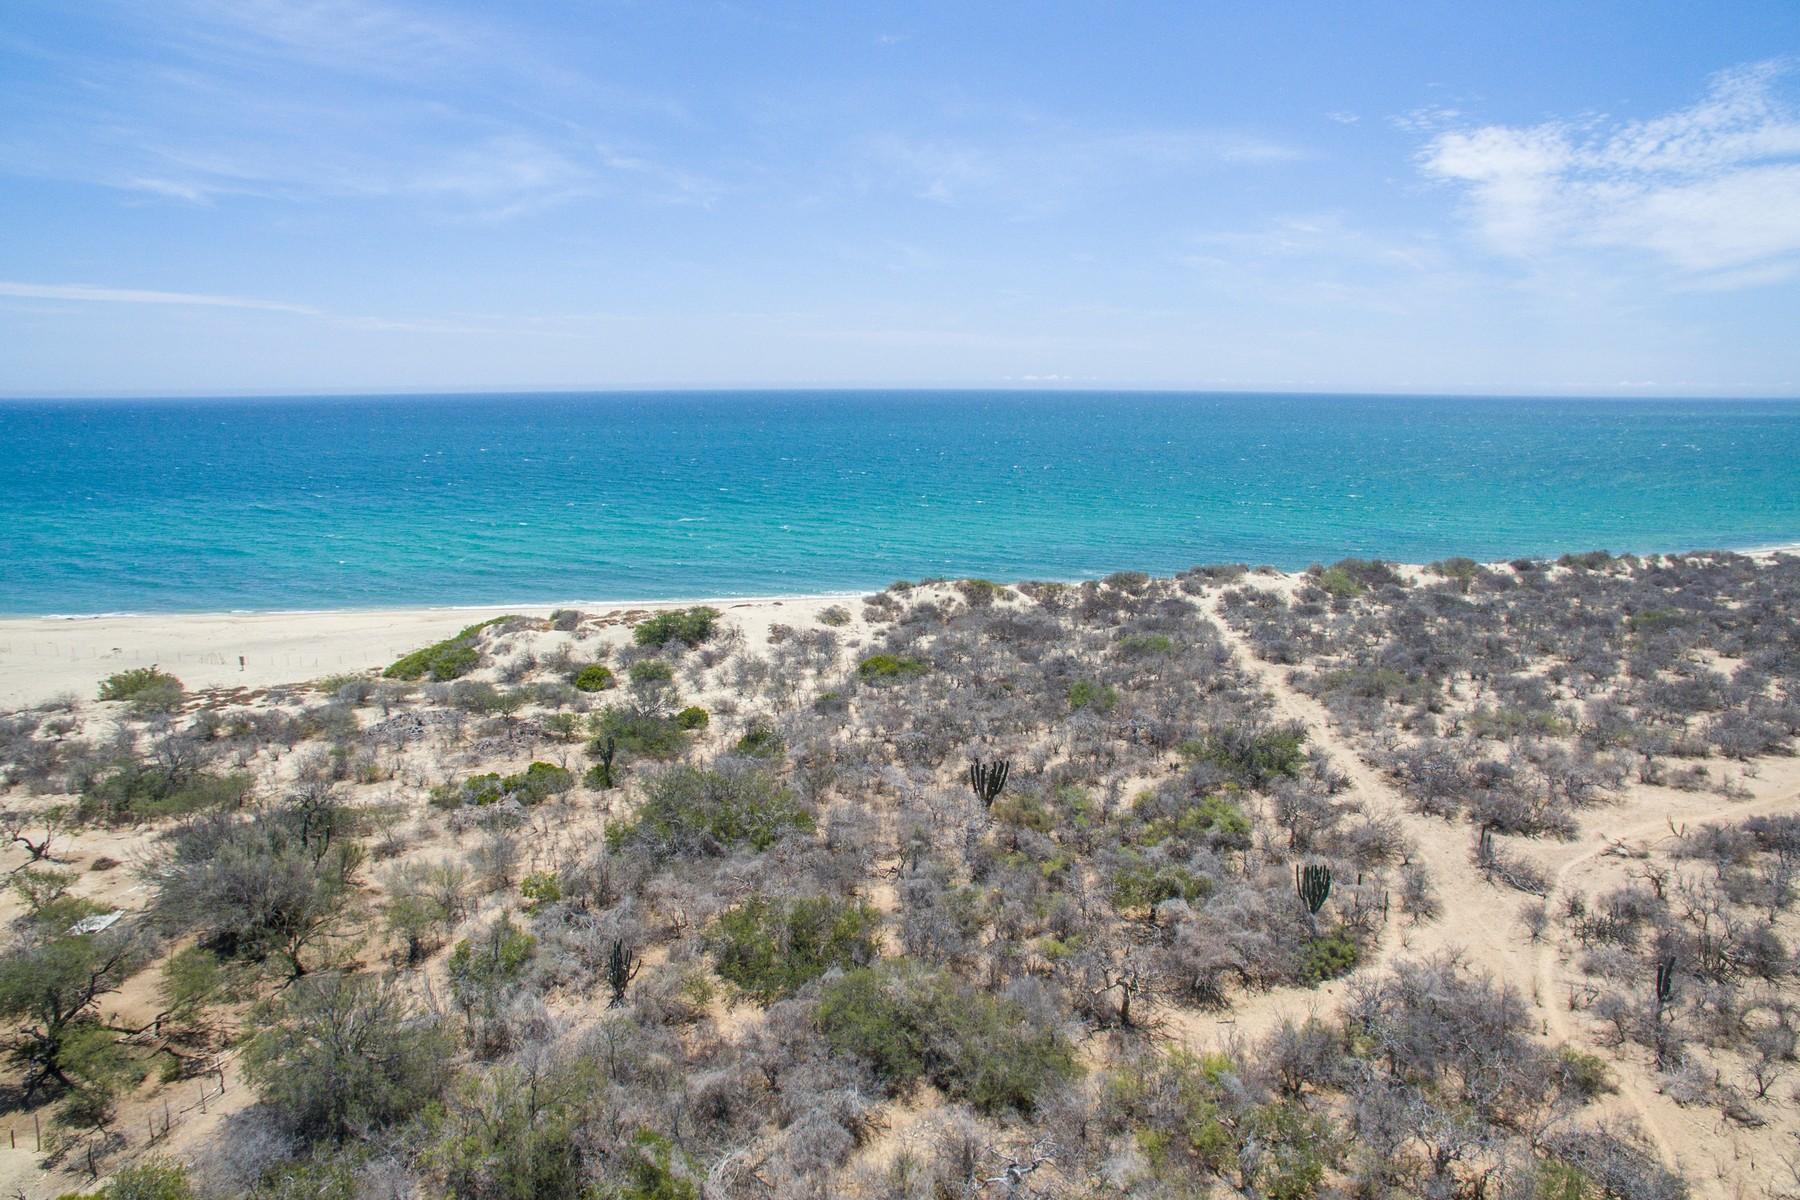 Land for Sale at GRE RINCON CABO PULMO La Ribera San Jose Del Cabo, 23570 Mexico